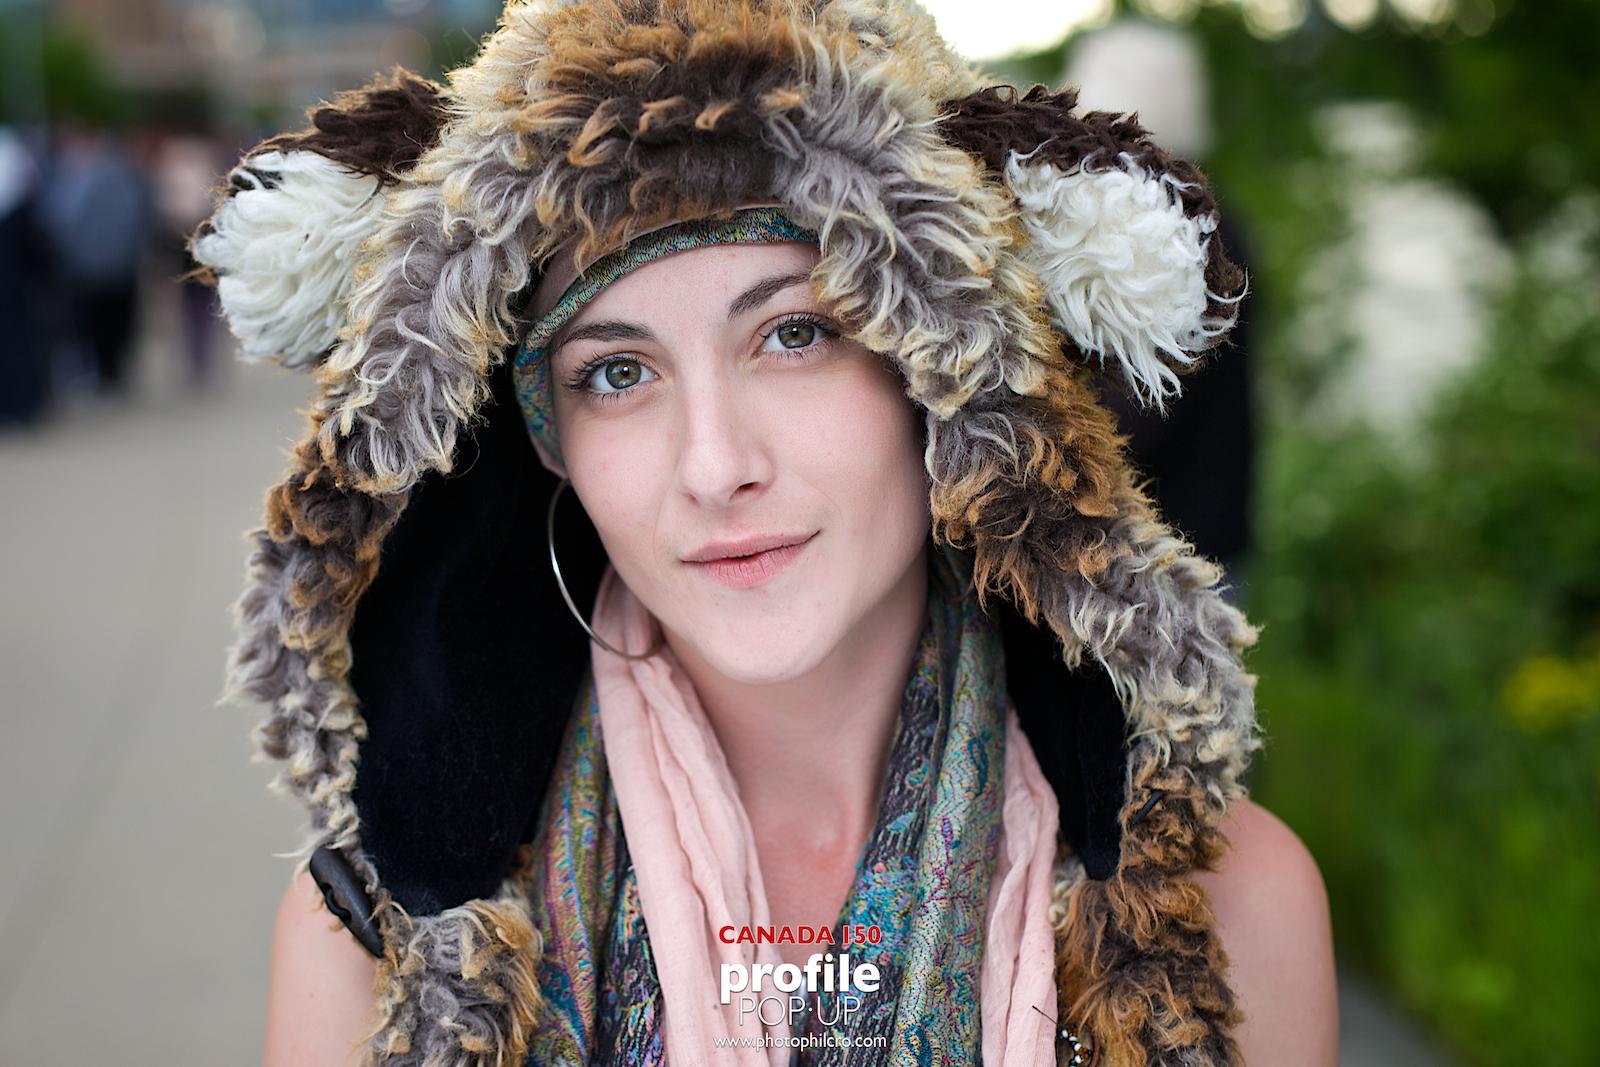 ProfilePopup_Canada150_Facebook 169.jpg